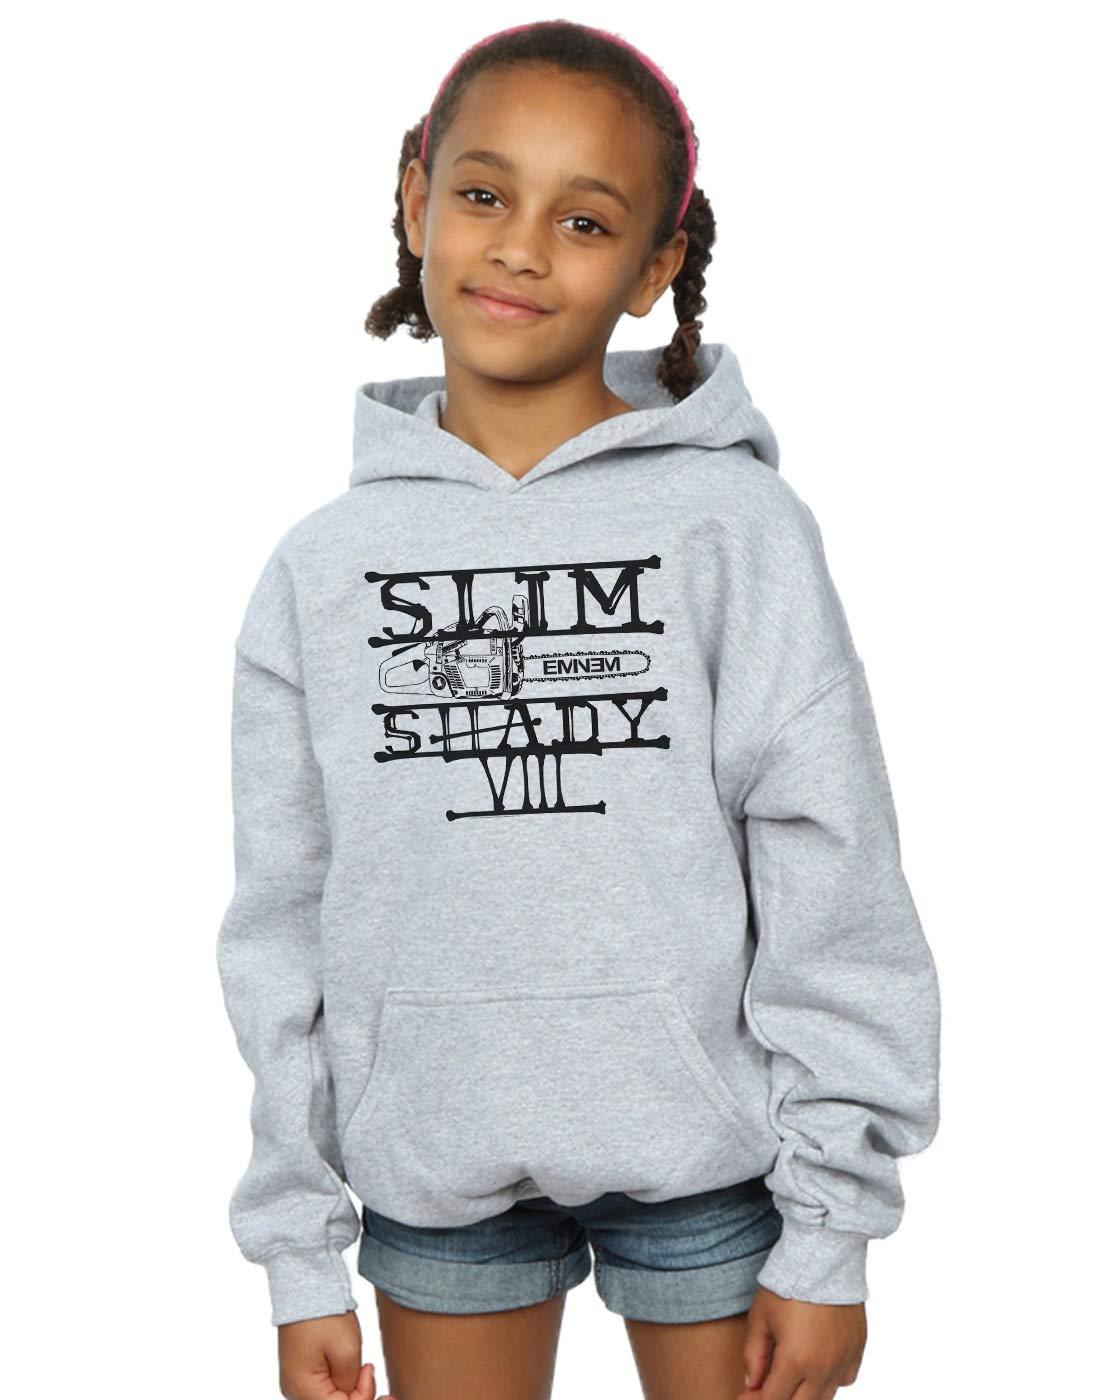 7911de5628c6c2 Galleon absolute cult eminem girls slim shady chainsaw hoodie sport grey  years jpg 1100x1400 Slim shady